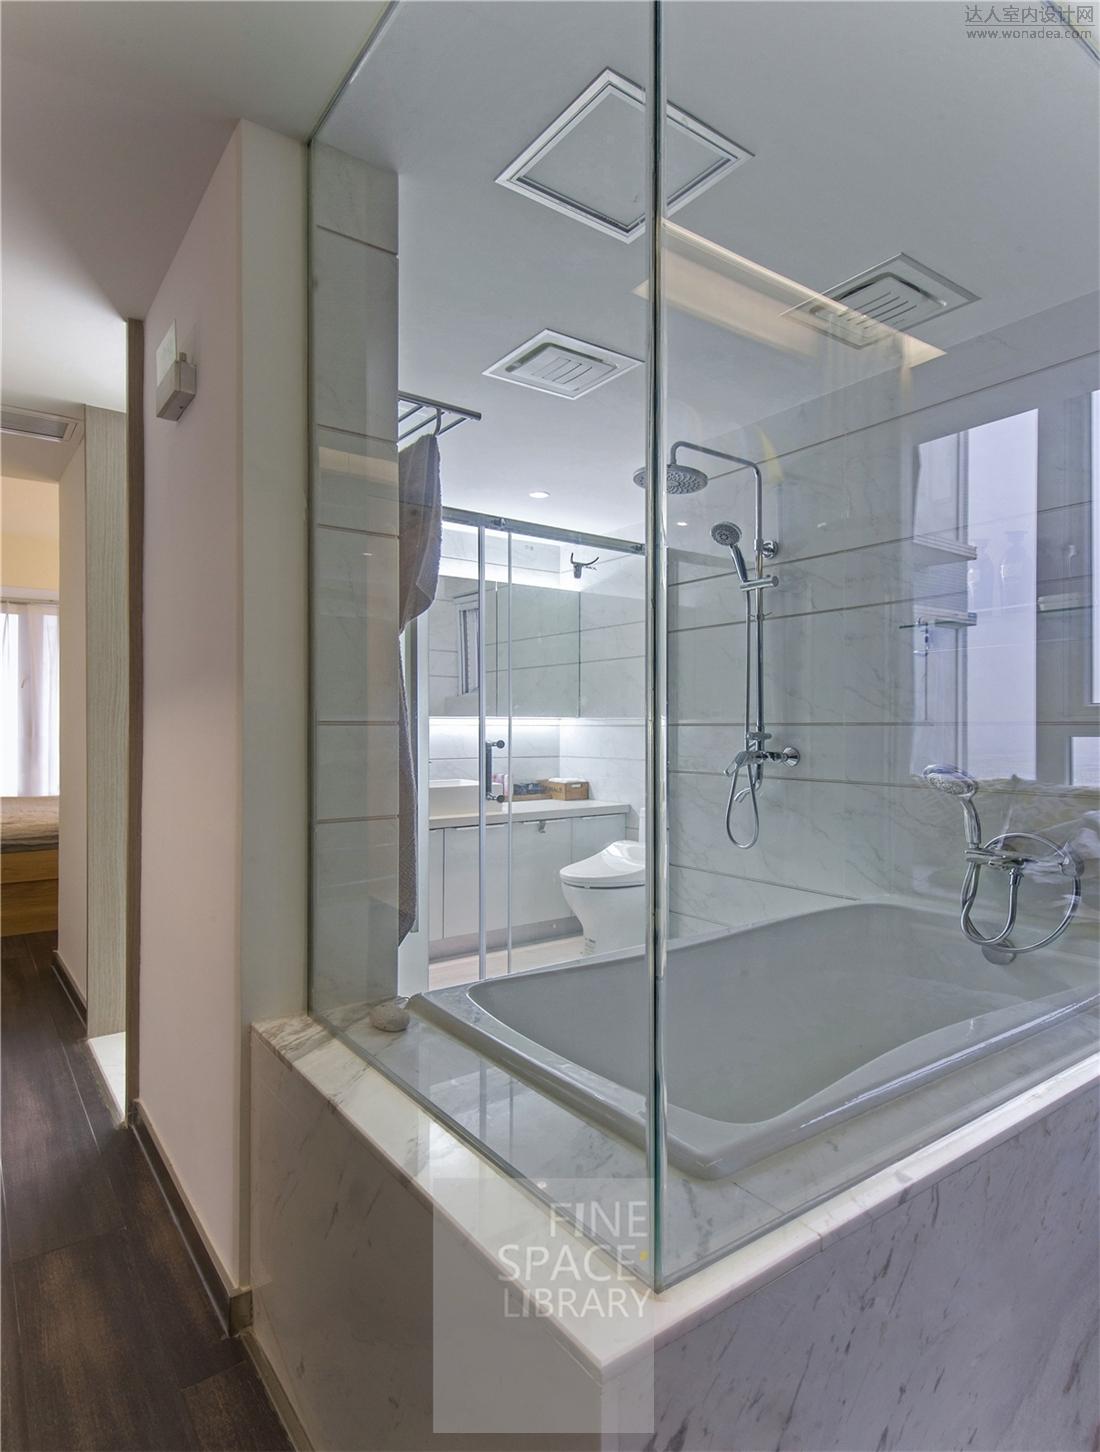 DSC_4099 十分明快与洁净的卫浴区.jpg